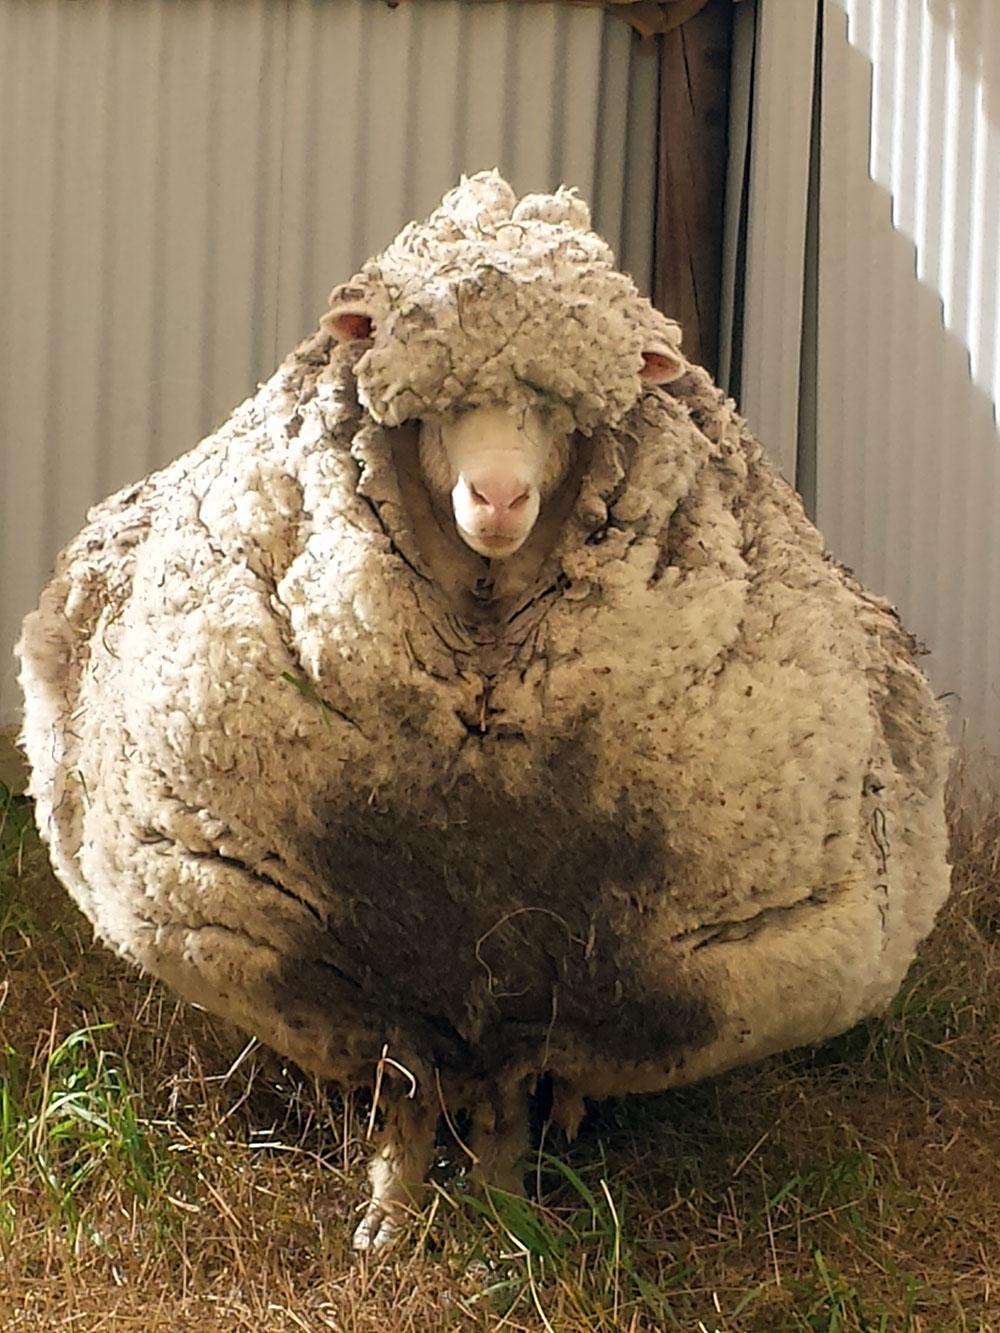 Chris le mouton, célèbre pour sa toison, est mort